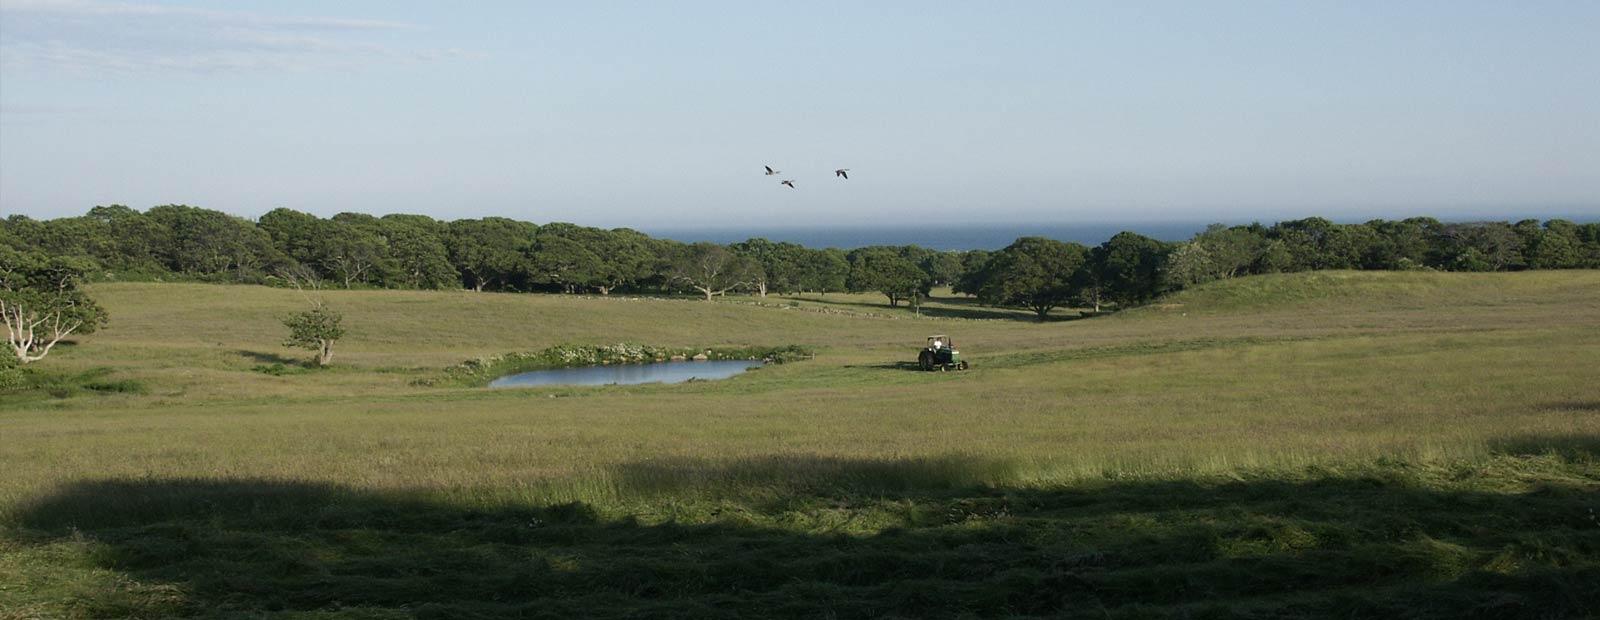 Bucolic rural vistas ...